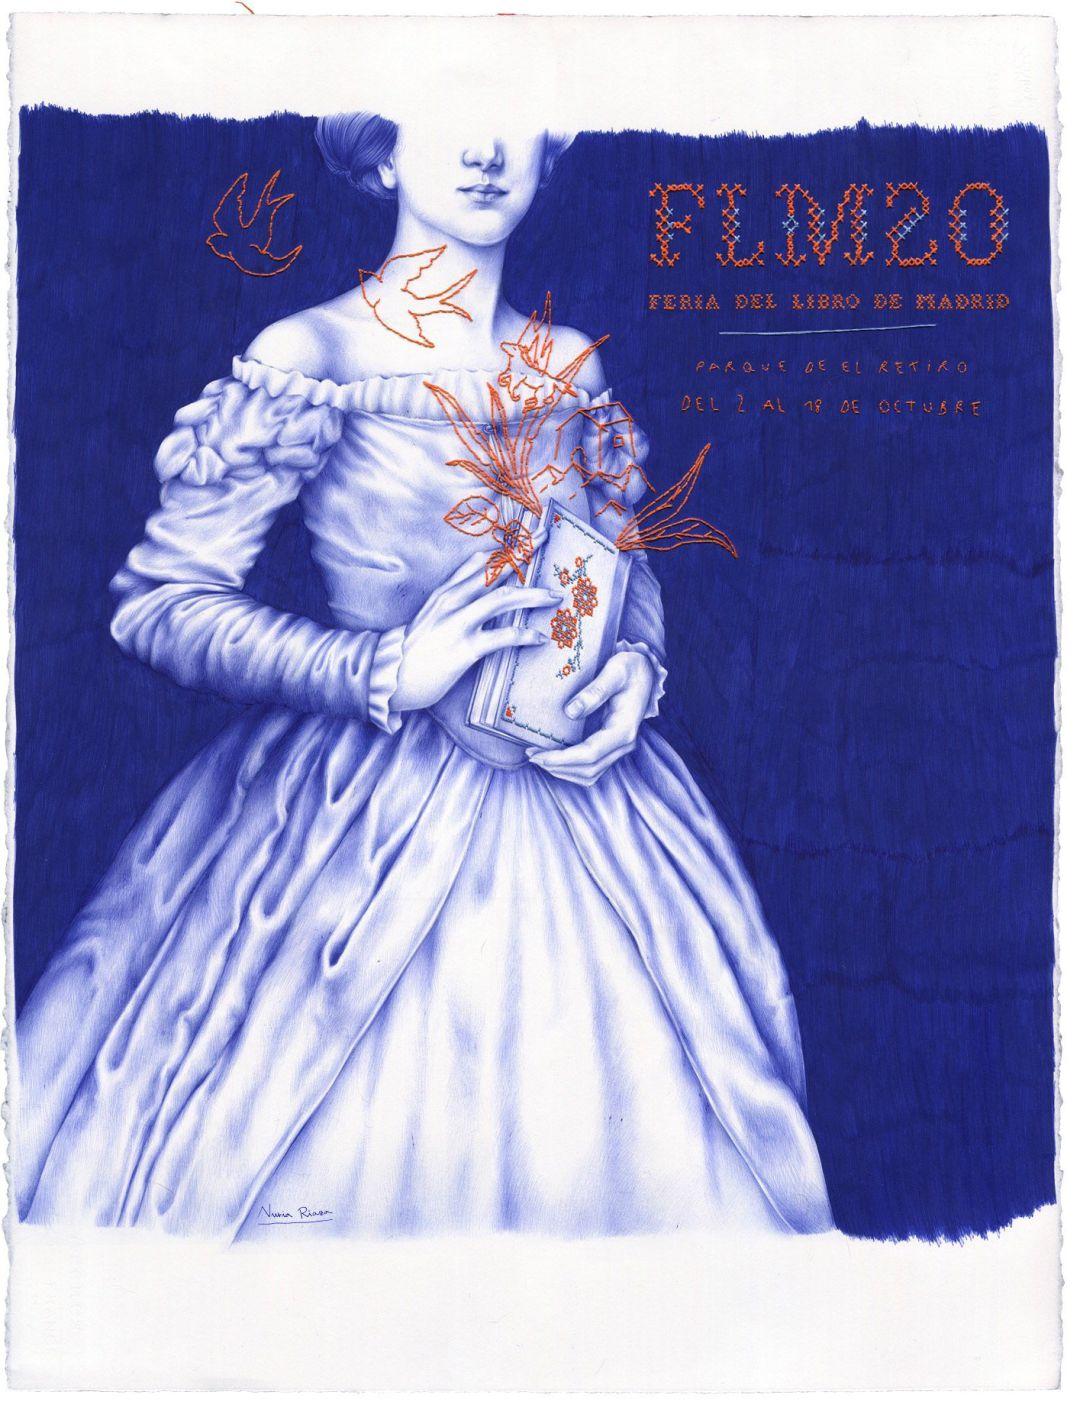 El cartel de la Feria del Libro de Madrid, de Nuria Riaza